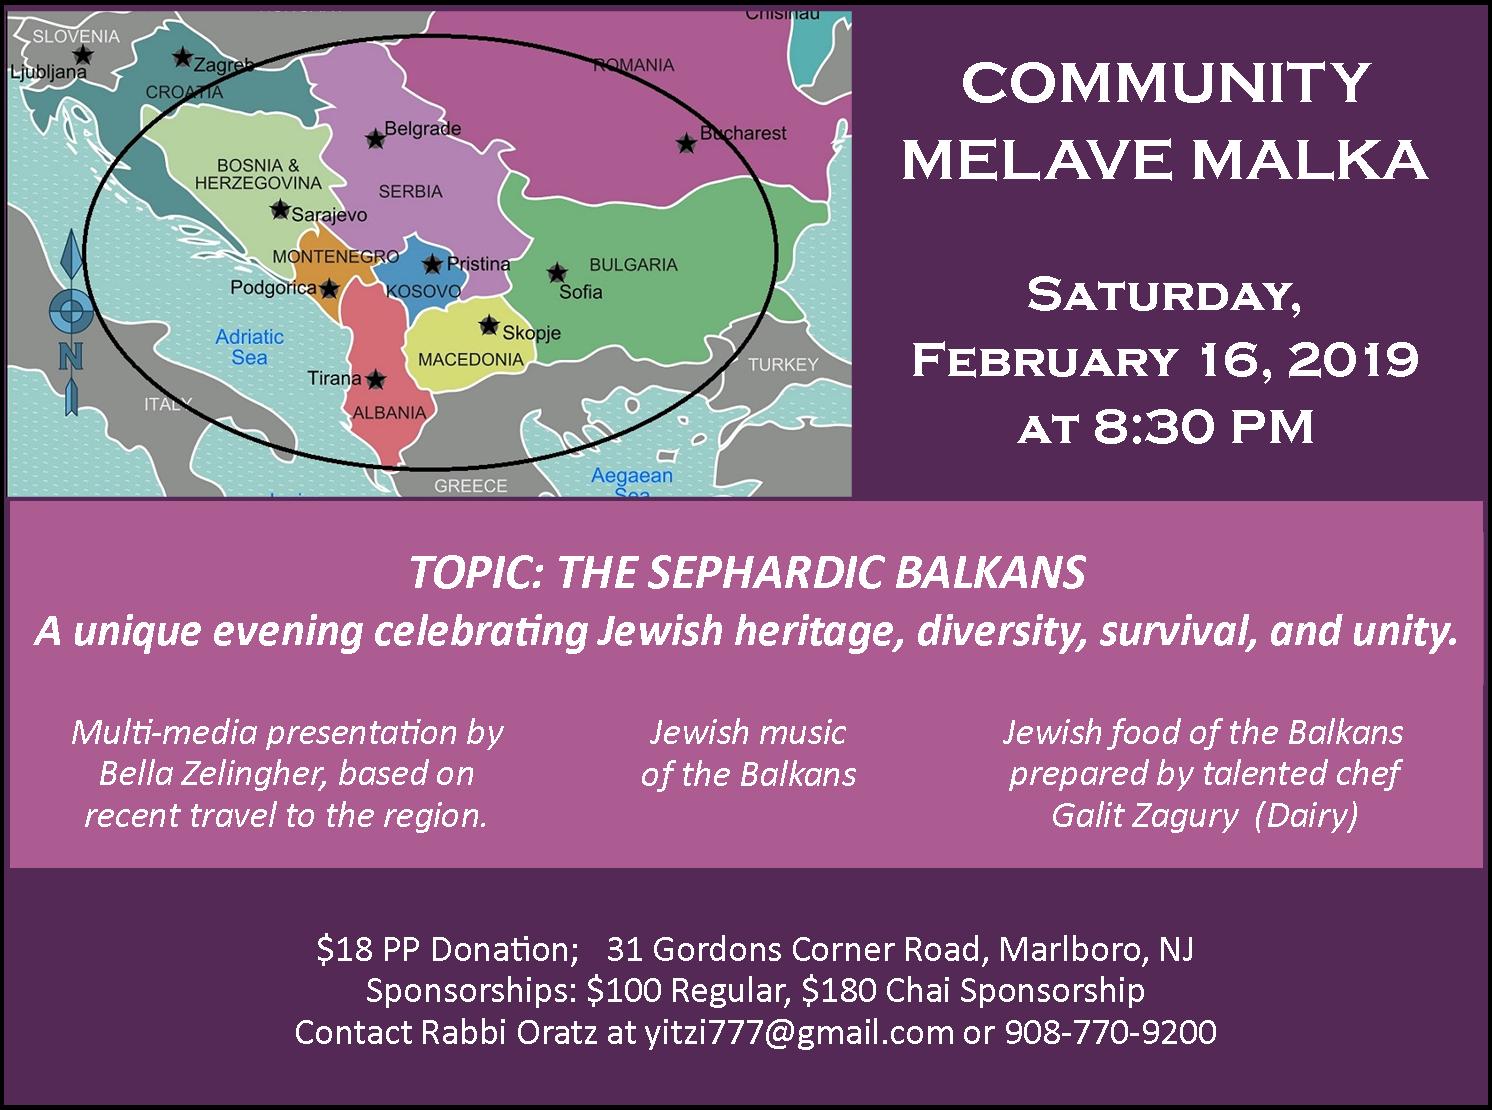 Sephardic_Balkans_Ad